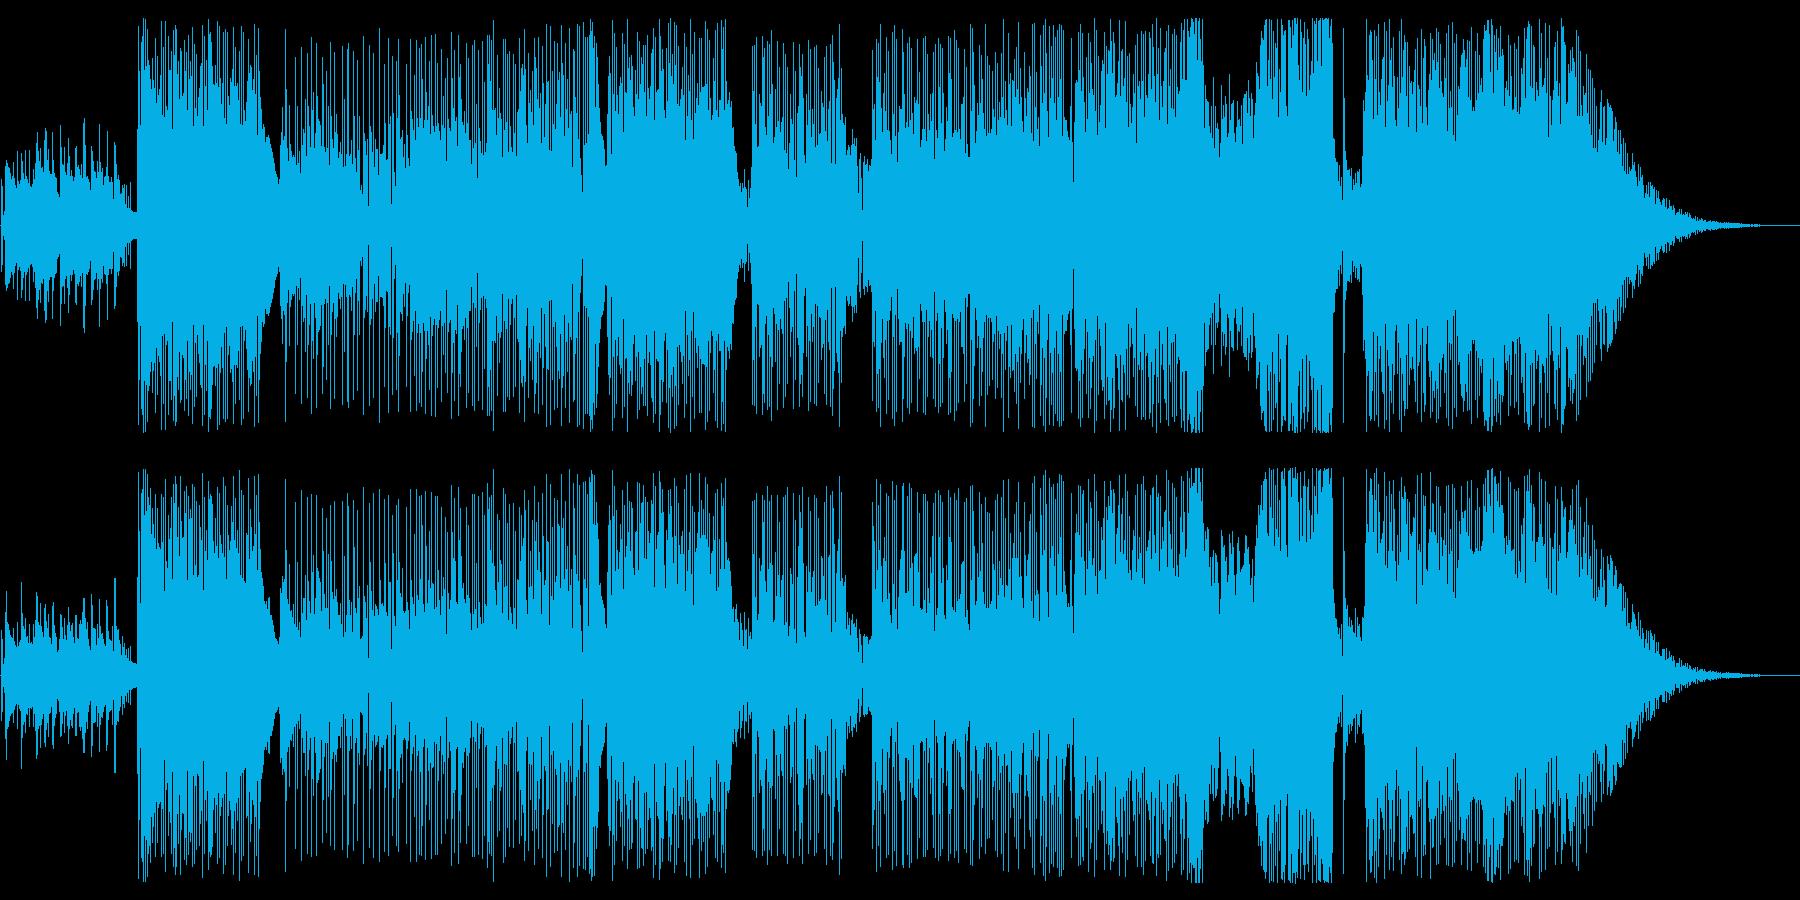 きらきら、かわいいインスト!の再生済みの波形